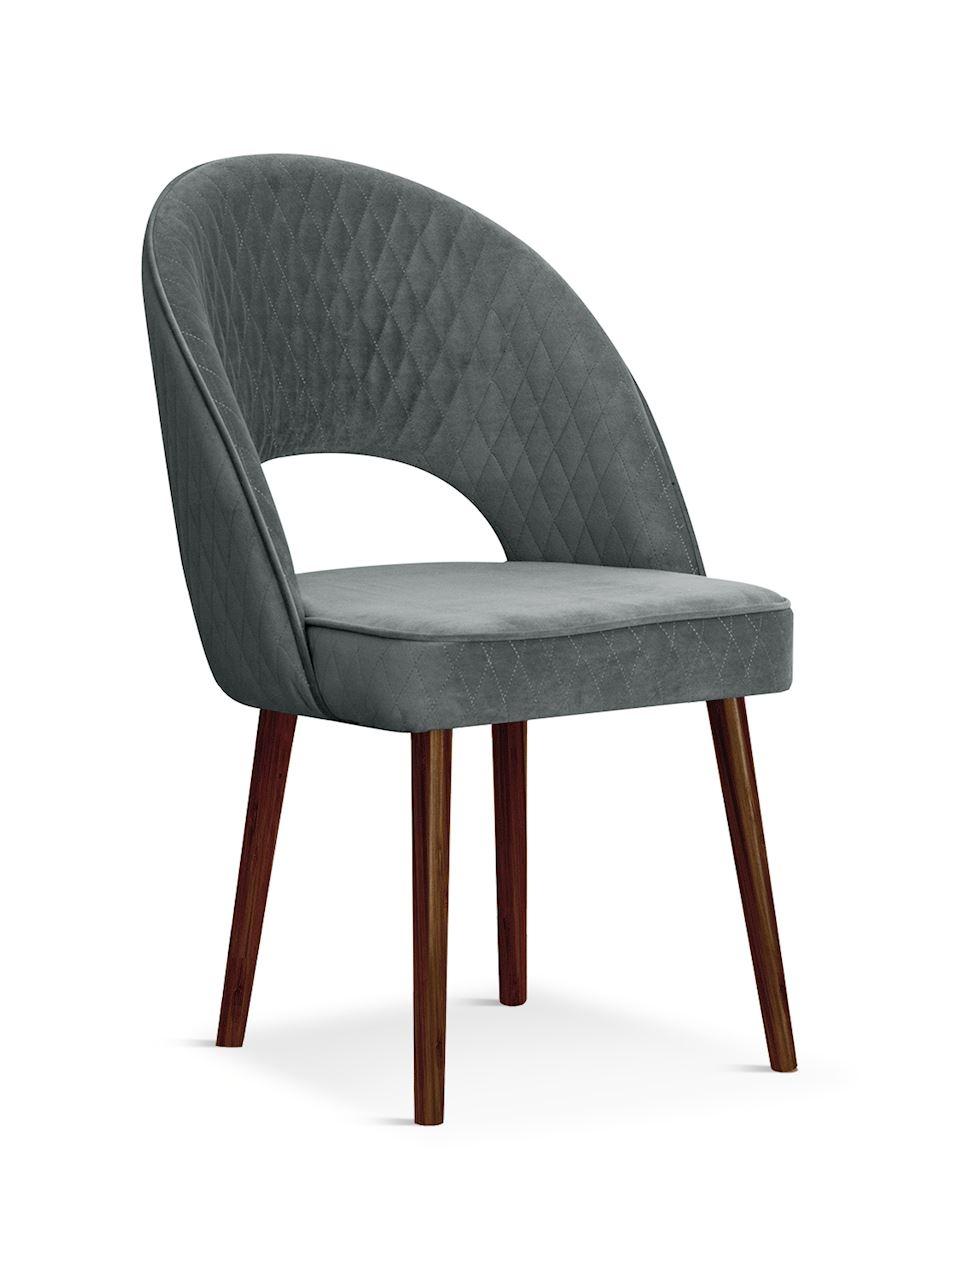 Scaun tapitat cu stofa, cu picioare din lemn Ponte Grey / Walnut, l56xA63xH89 cm`